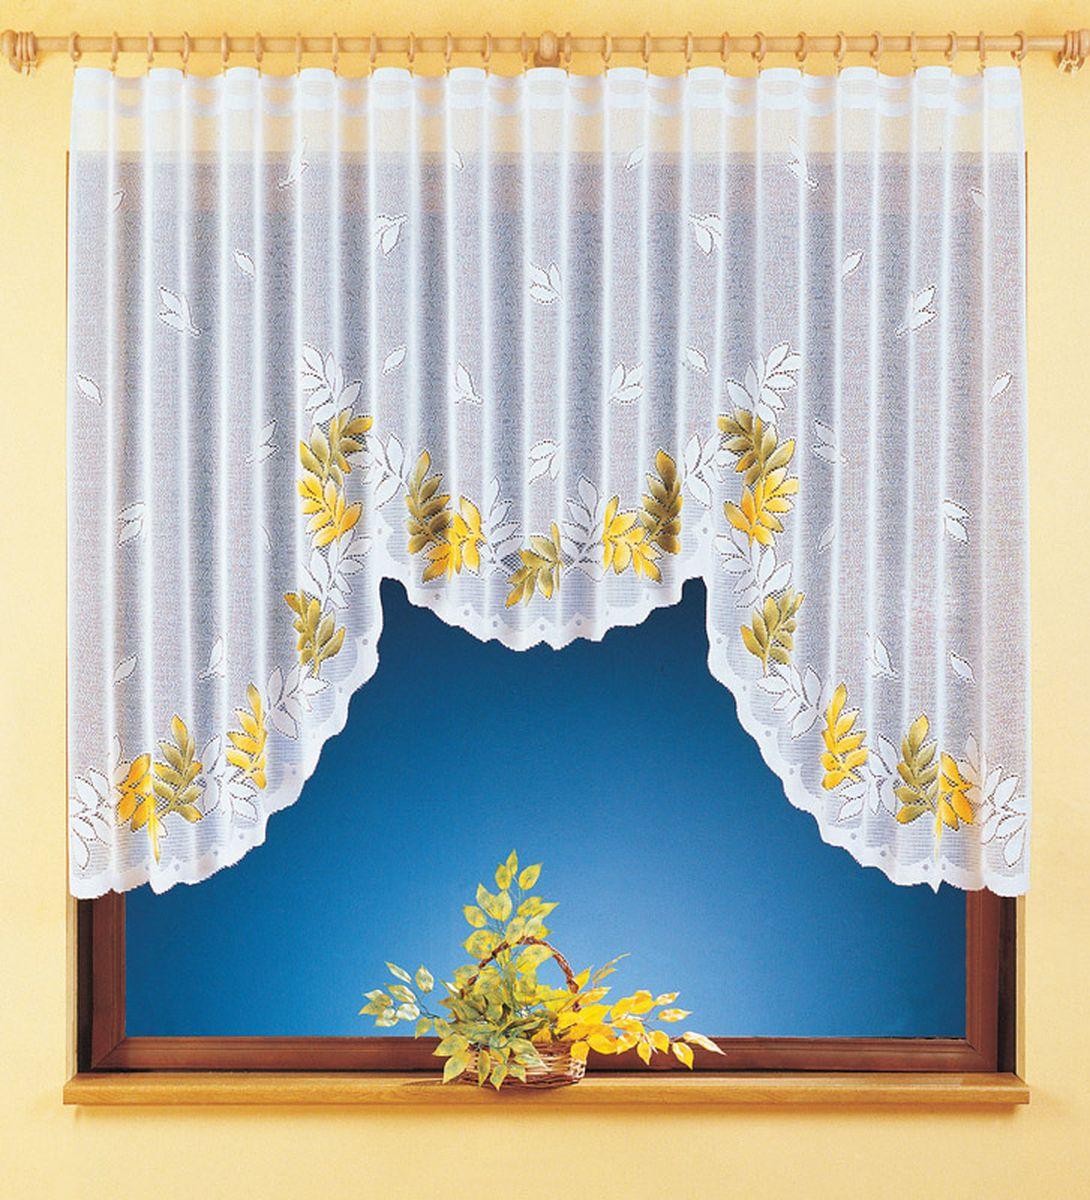 Гардина Wisan Yulia, на ленте, цвет: белый, высота 150 см9342Воздушная гардина Wisan Yulia, изготовленная из полиэстера, станет великолепным украшением любого окна. Изделие украшено ручной раскраской в виде листьев. Оригинальное оформление гардины внесет разнообразие и подарит заряд положительного настроения. Гардина оснащена шторной лентой для крепления на карниз.